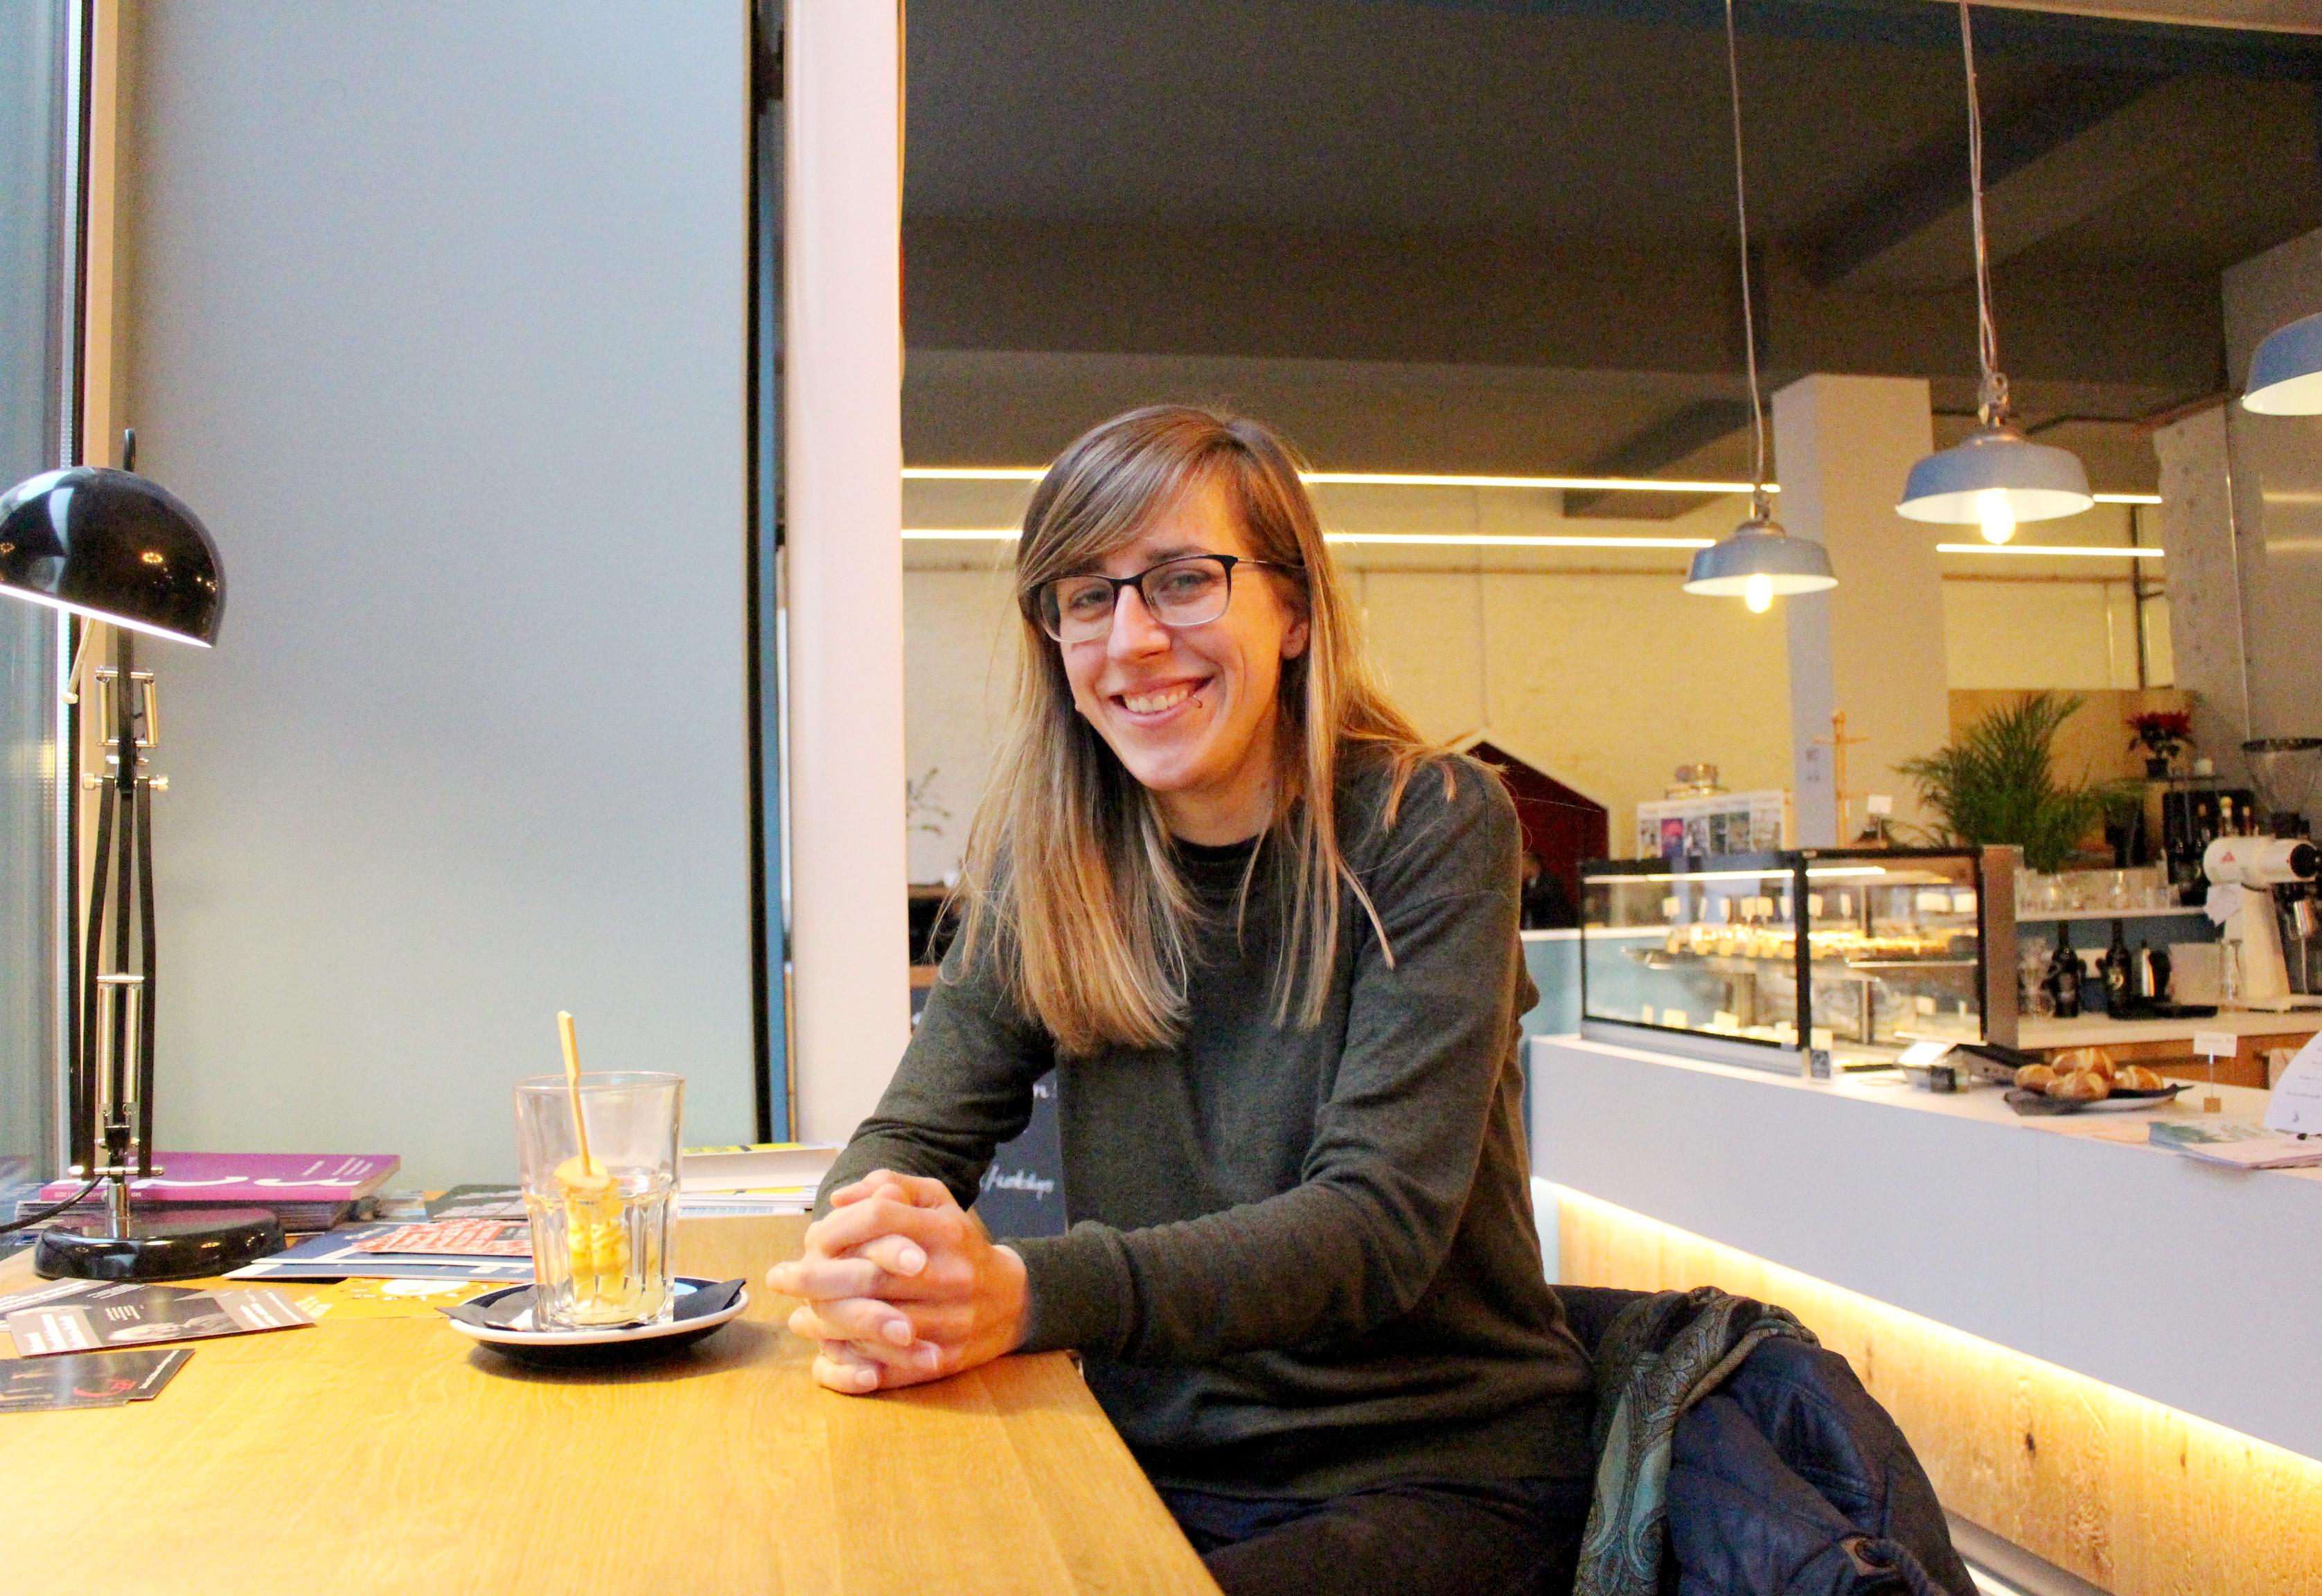 Eine Frau sitzt an einem Tresen in einem Café.